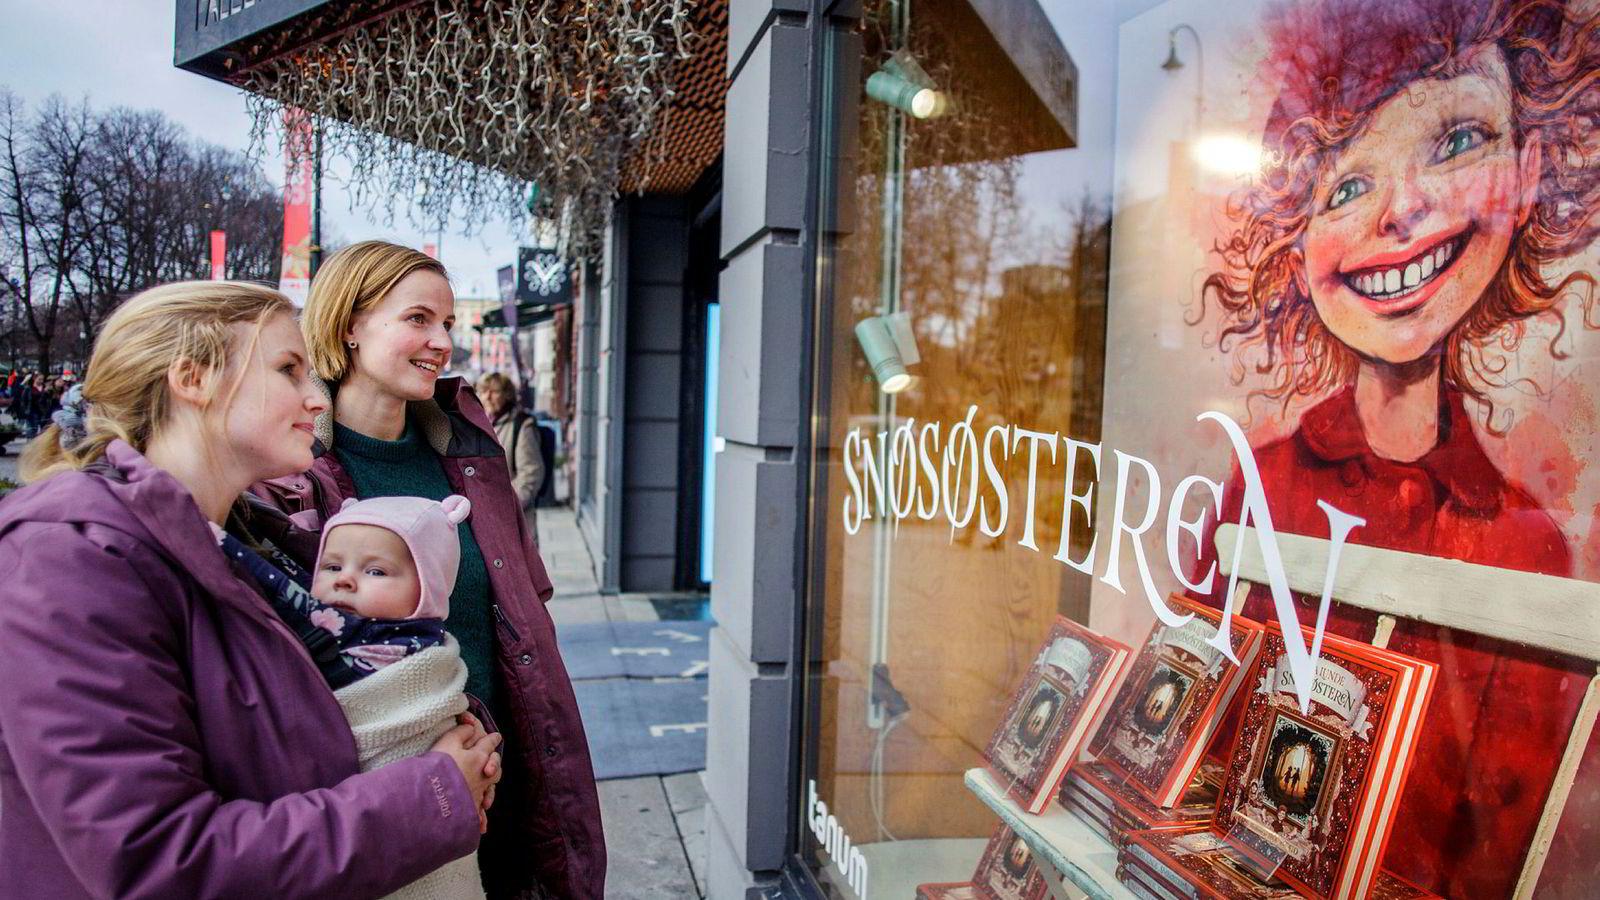 Ylva Willassen (med baby) og Anna Magnusson har med Magnussons datter Heidi på førjulshandel, og fikk øynene opp for Maja Lunde og Lisa Aisatos kassasuksess «Snøsøsteren».